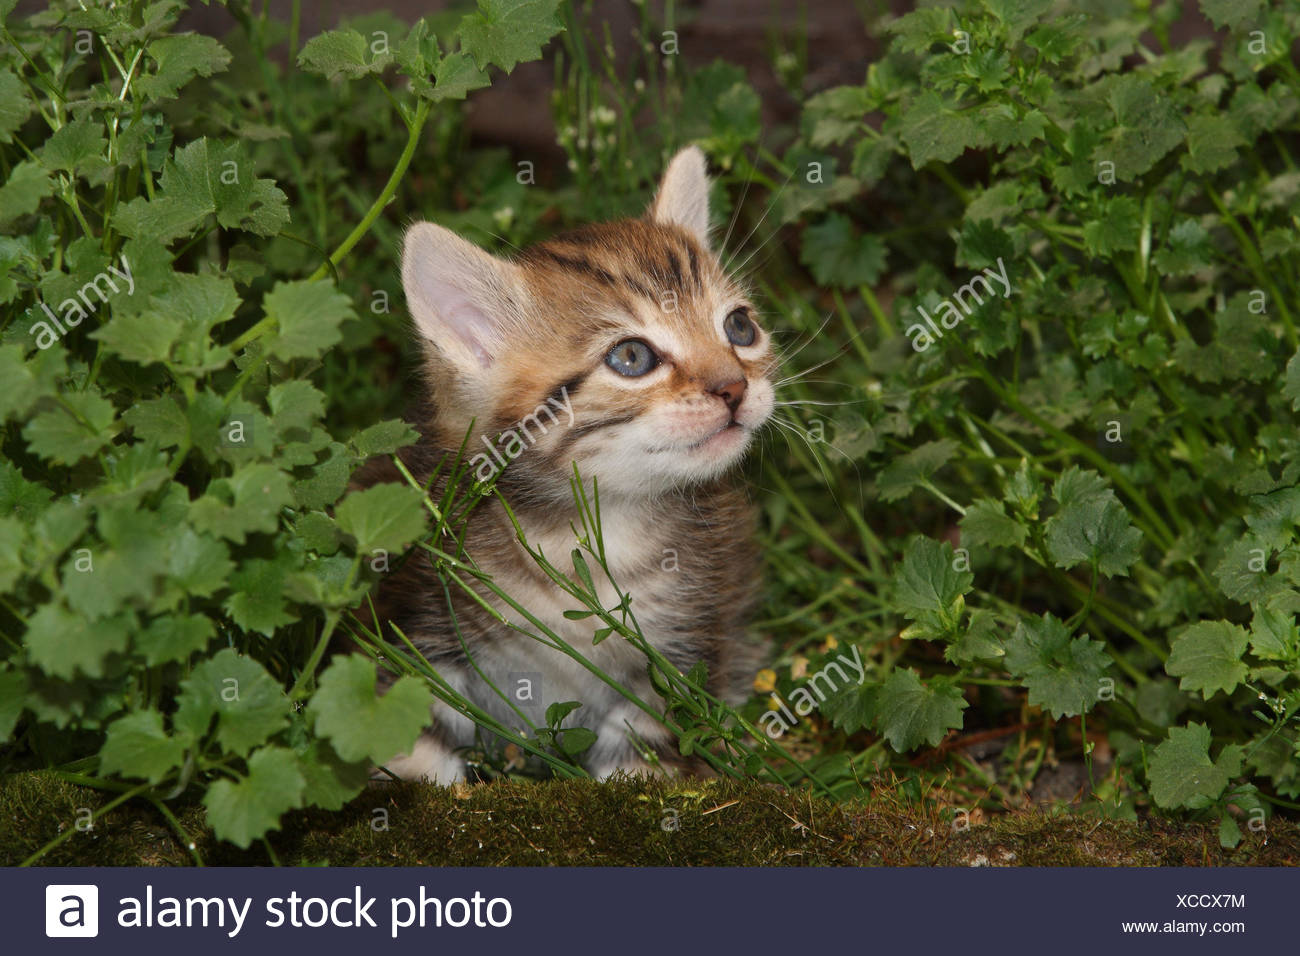 Cat, jeune, s'asseoir, pré, jardin, animaux, mammifères, animaux domestiques, petits chats, félidés, domestique, chat de maison, jeune animal, chaton, petit, maladroit, maladroit, impuissant, doucement, se cacher, jouer, curiosité, rayé, hervorschauen, plantes, individuellement, seul, les jeunes animaux, nature, animaux, bébé à l'extérieur, Photo Stock